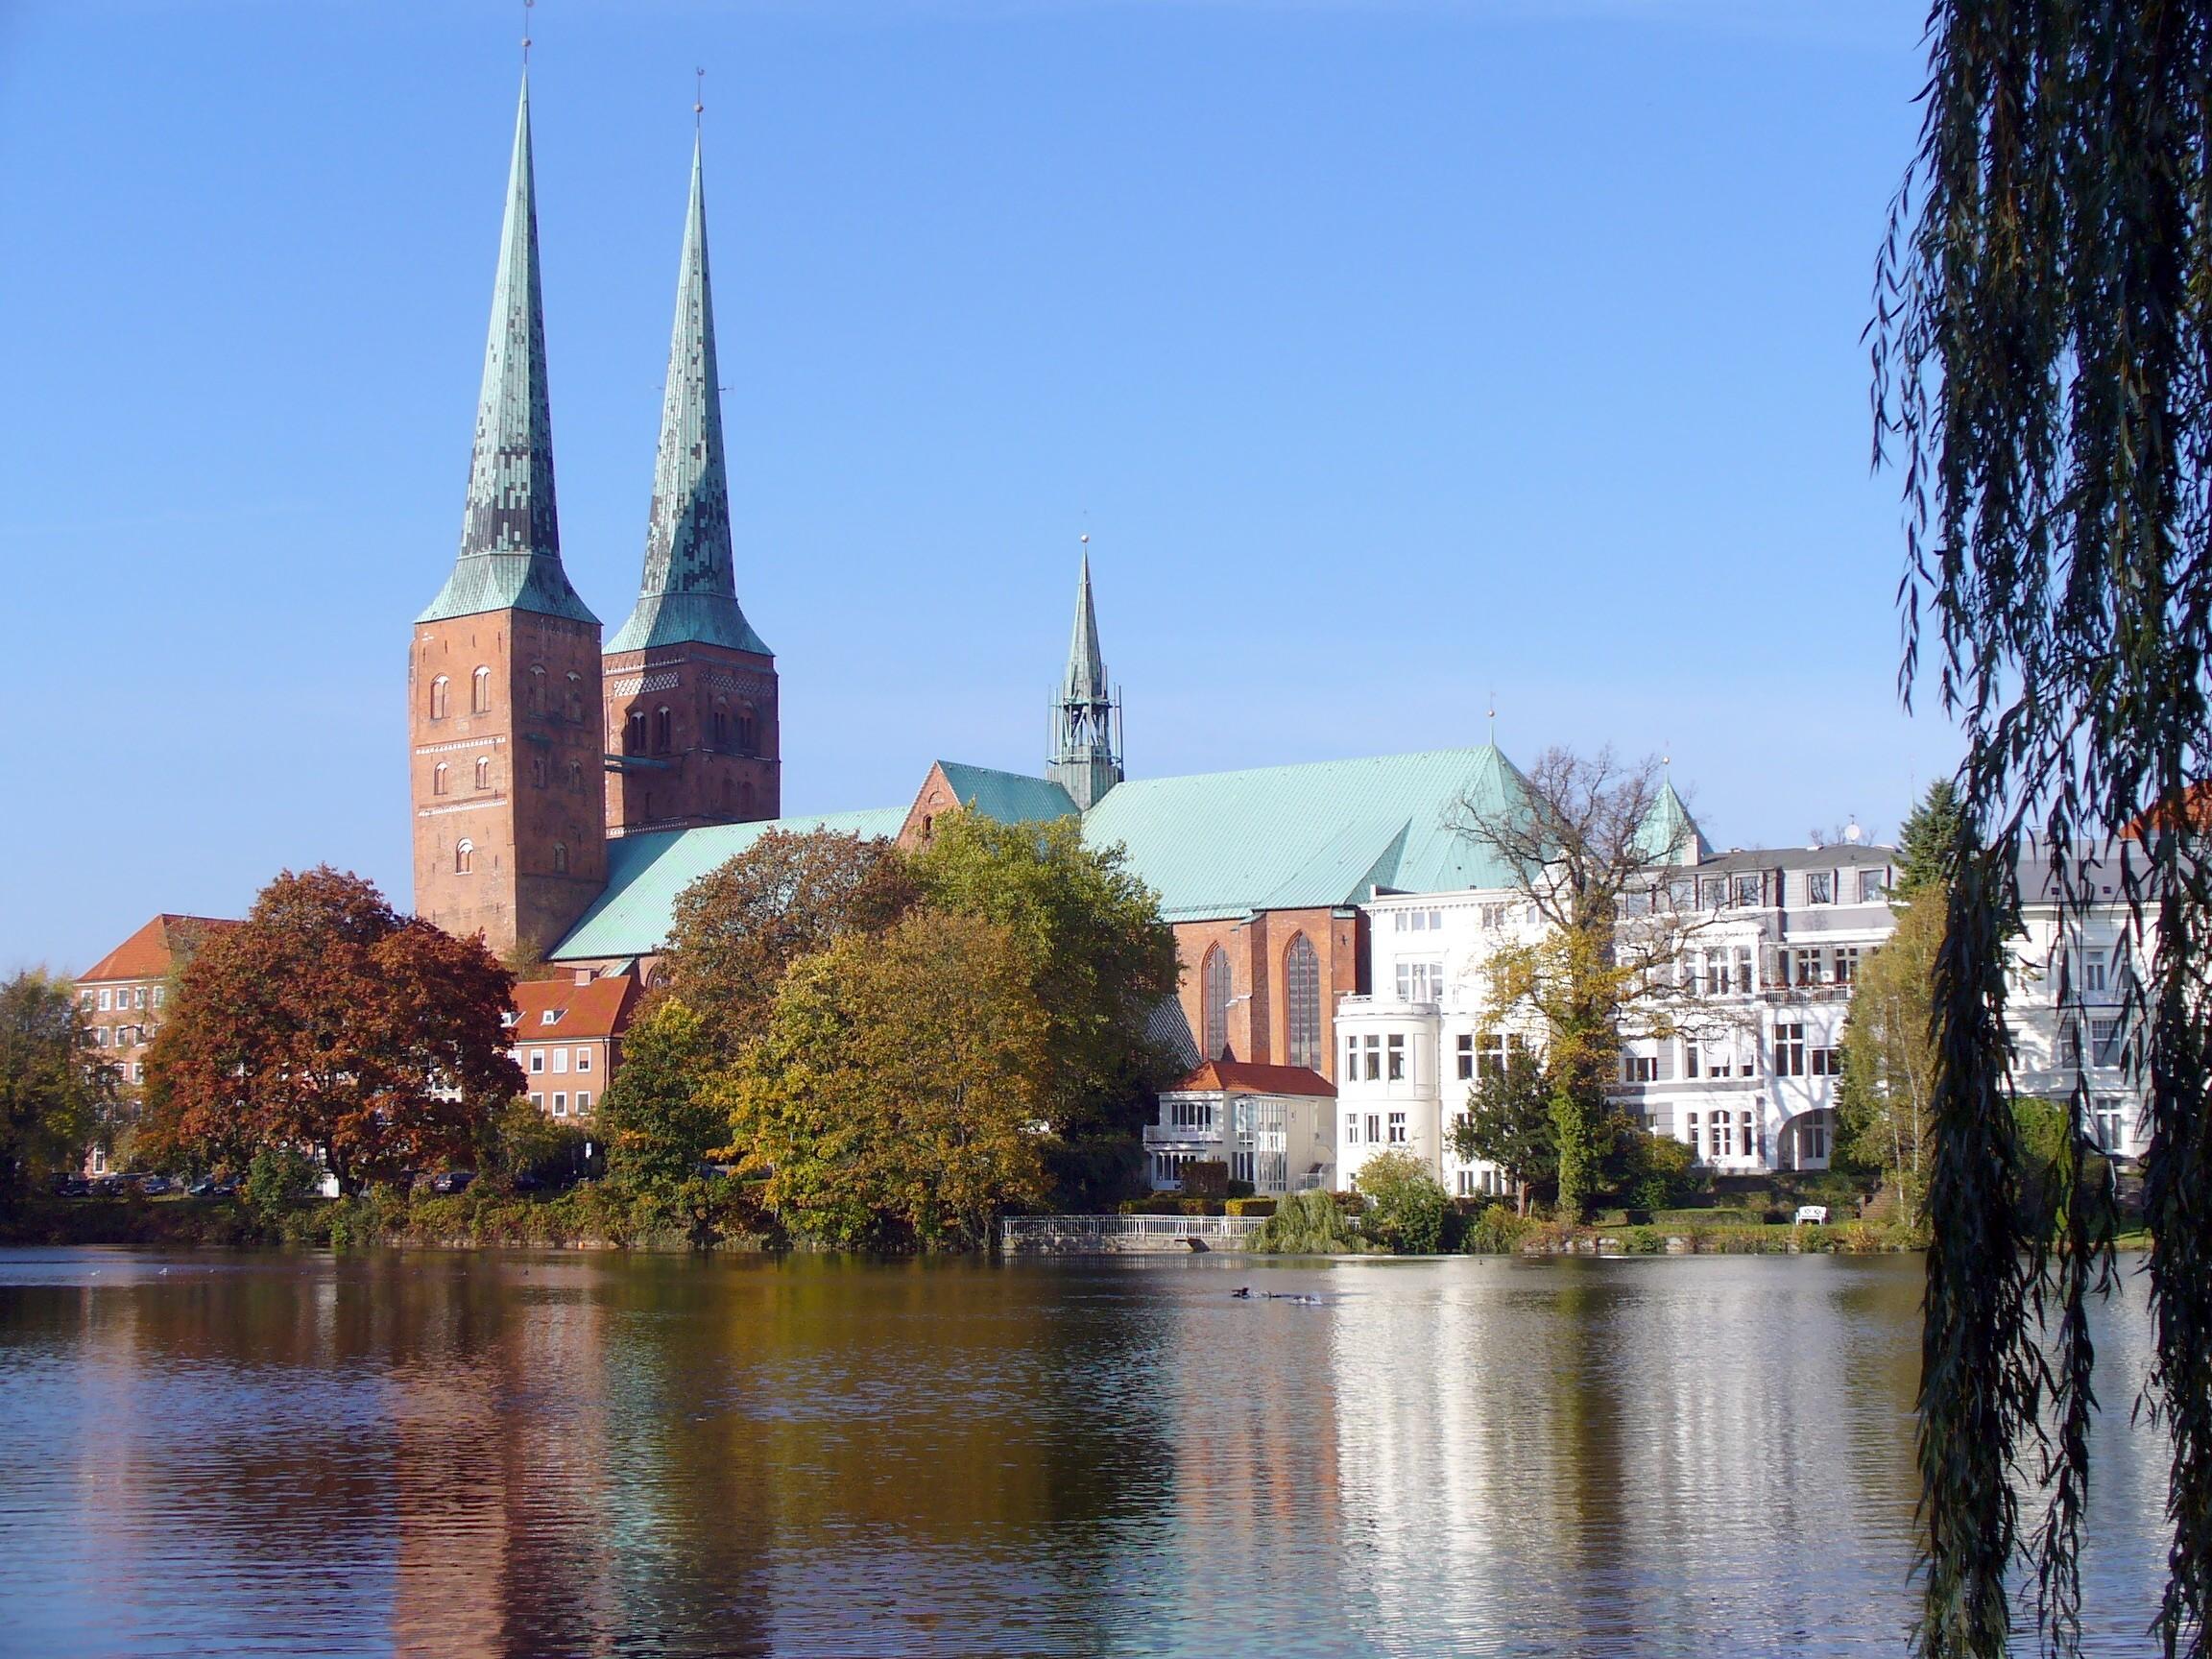 Lübeck Domkirke